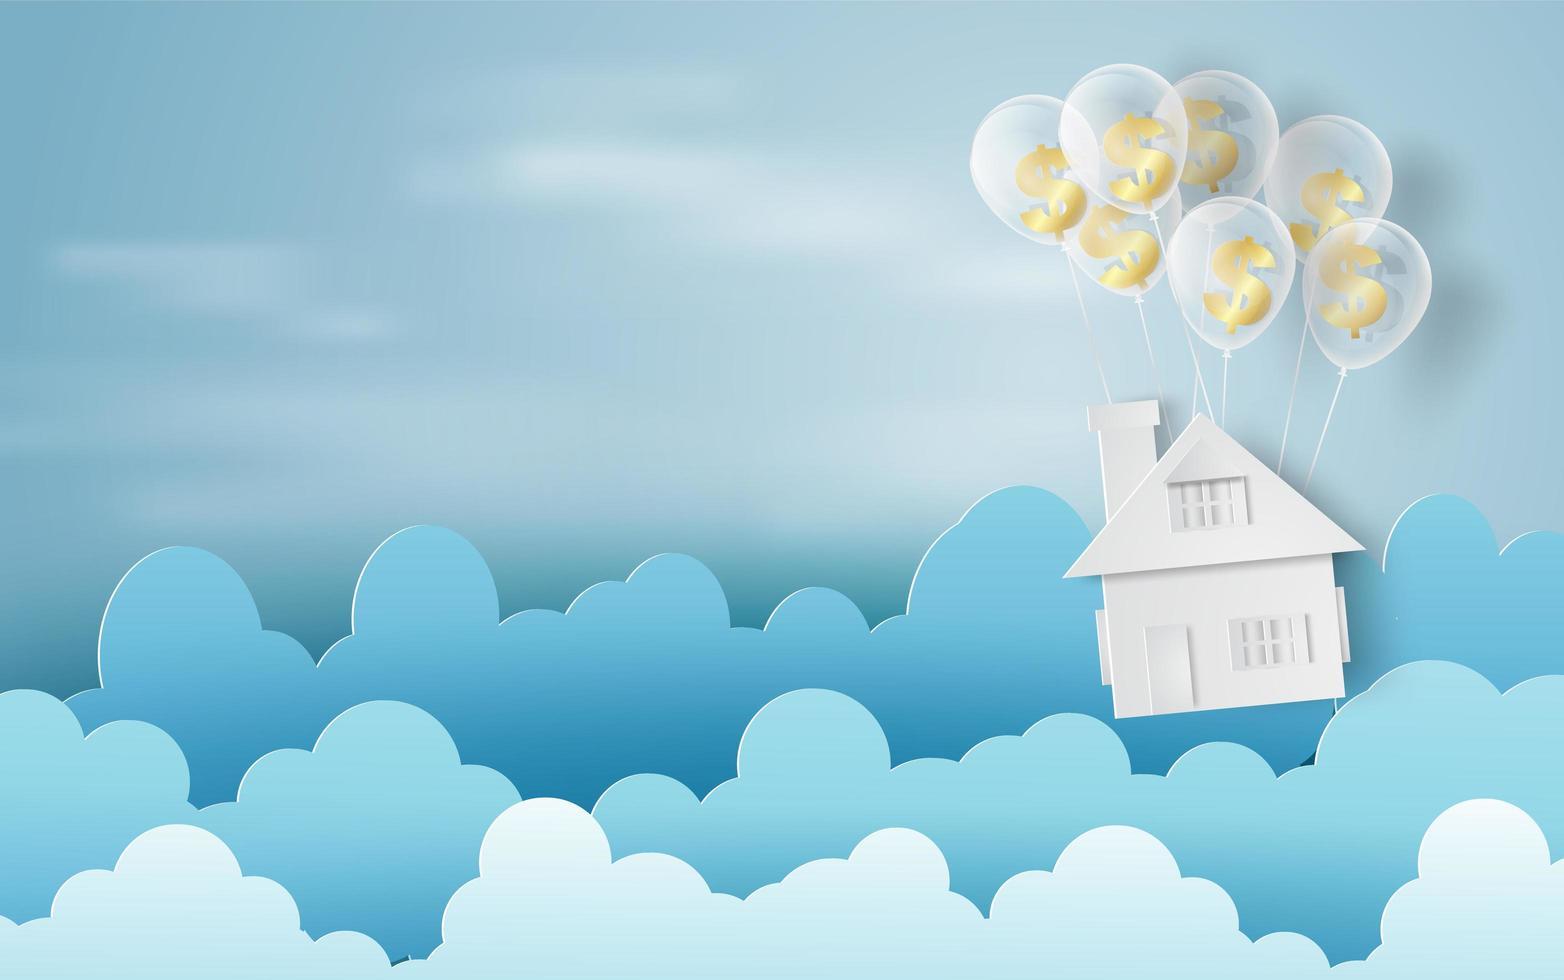 arte di carta di palloncini come nuvole sul banner del cielo blu con casa vettore